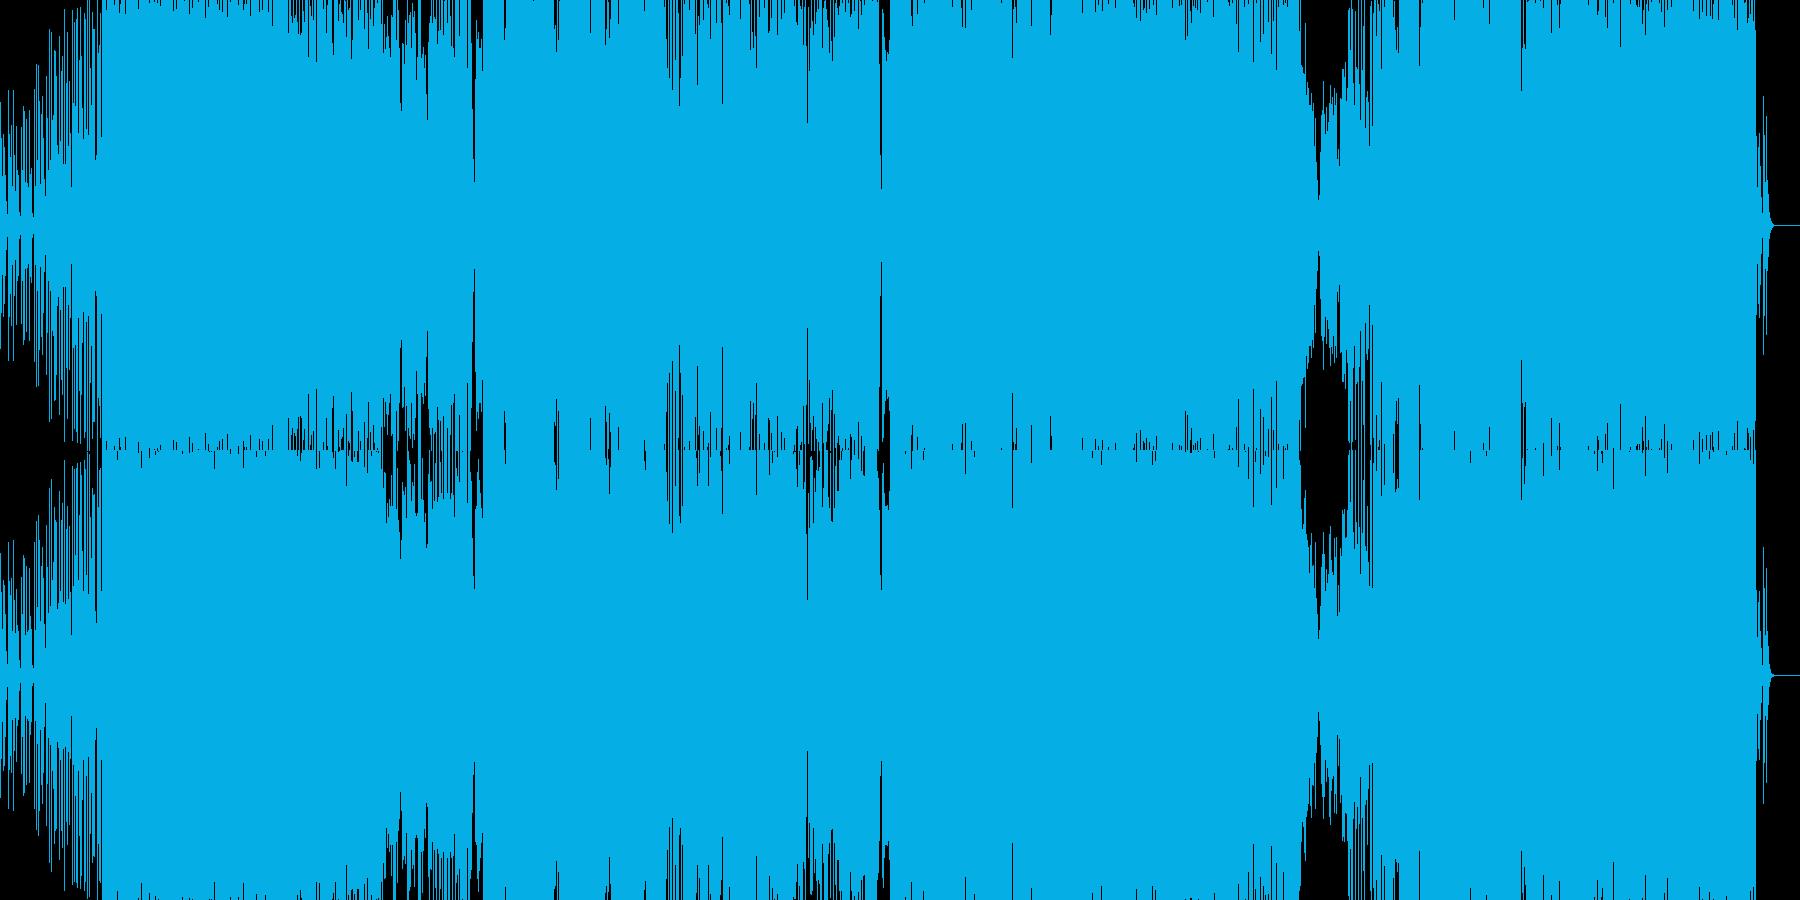 幻想的なフレーズから始まるロックEDMの再生済みの波形